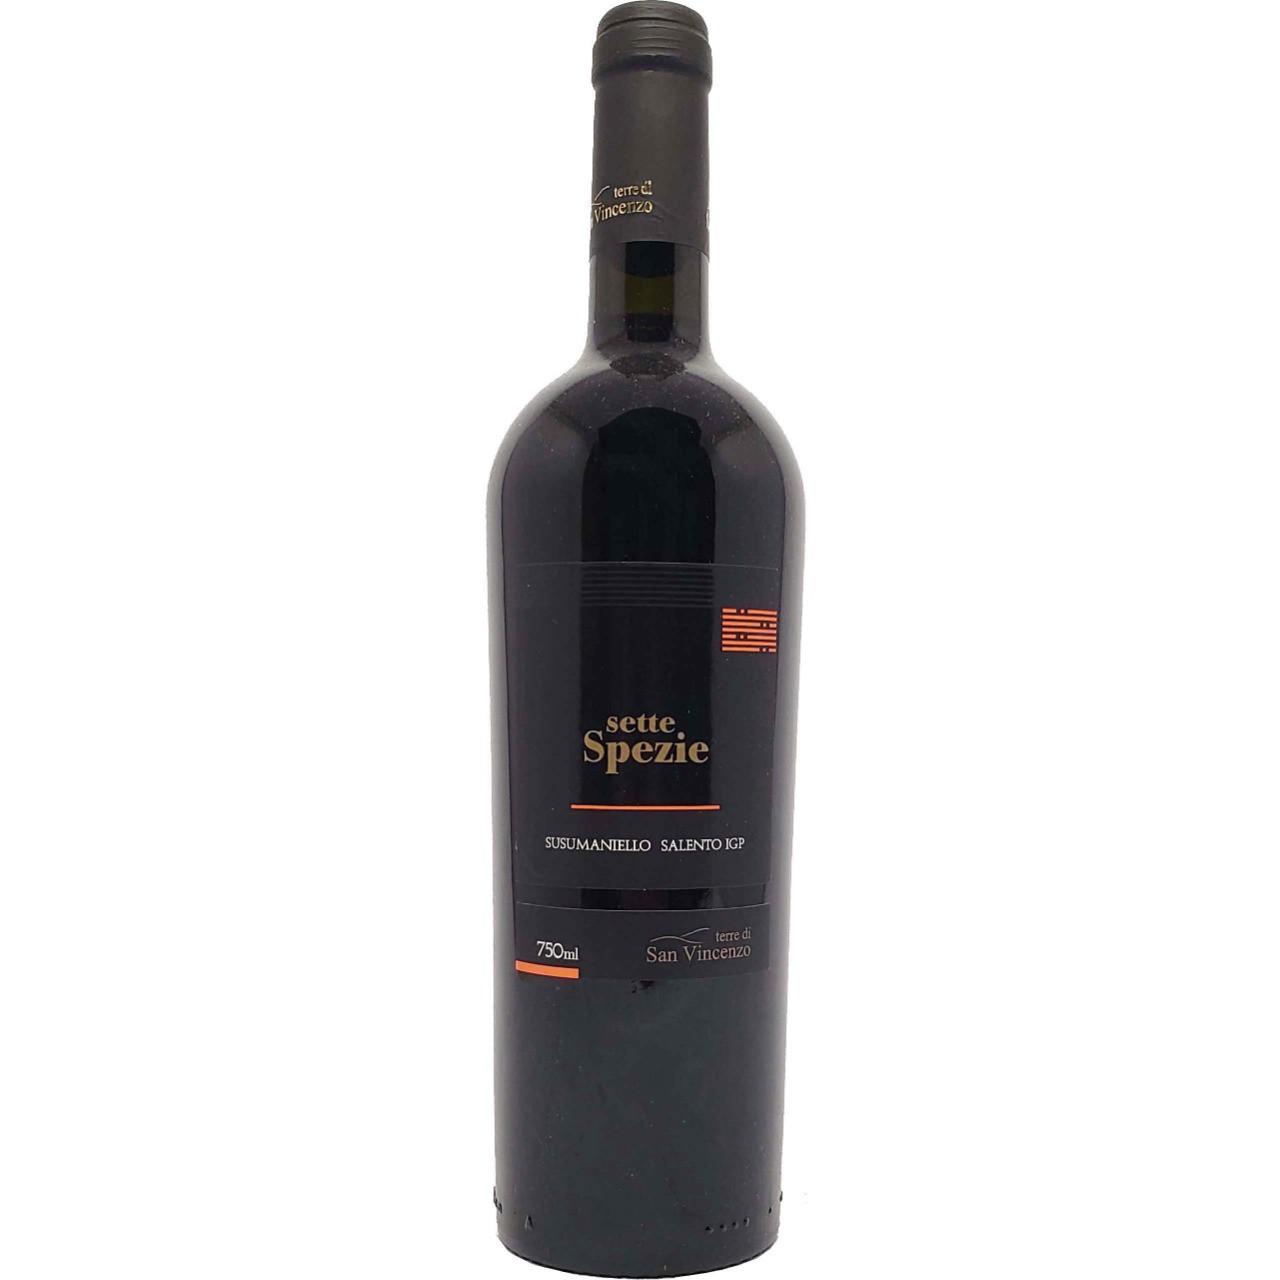 Vinho Tinto Sette Spezie Susumaniello Salento IGP - 750ml -